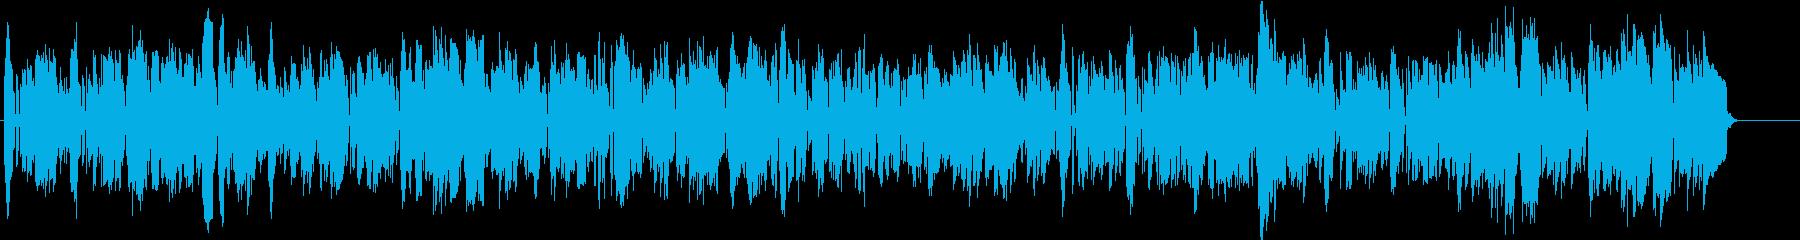 木管楽器メインのさわやかで明るいポップスの再生済みの波形